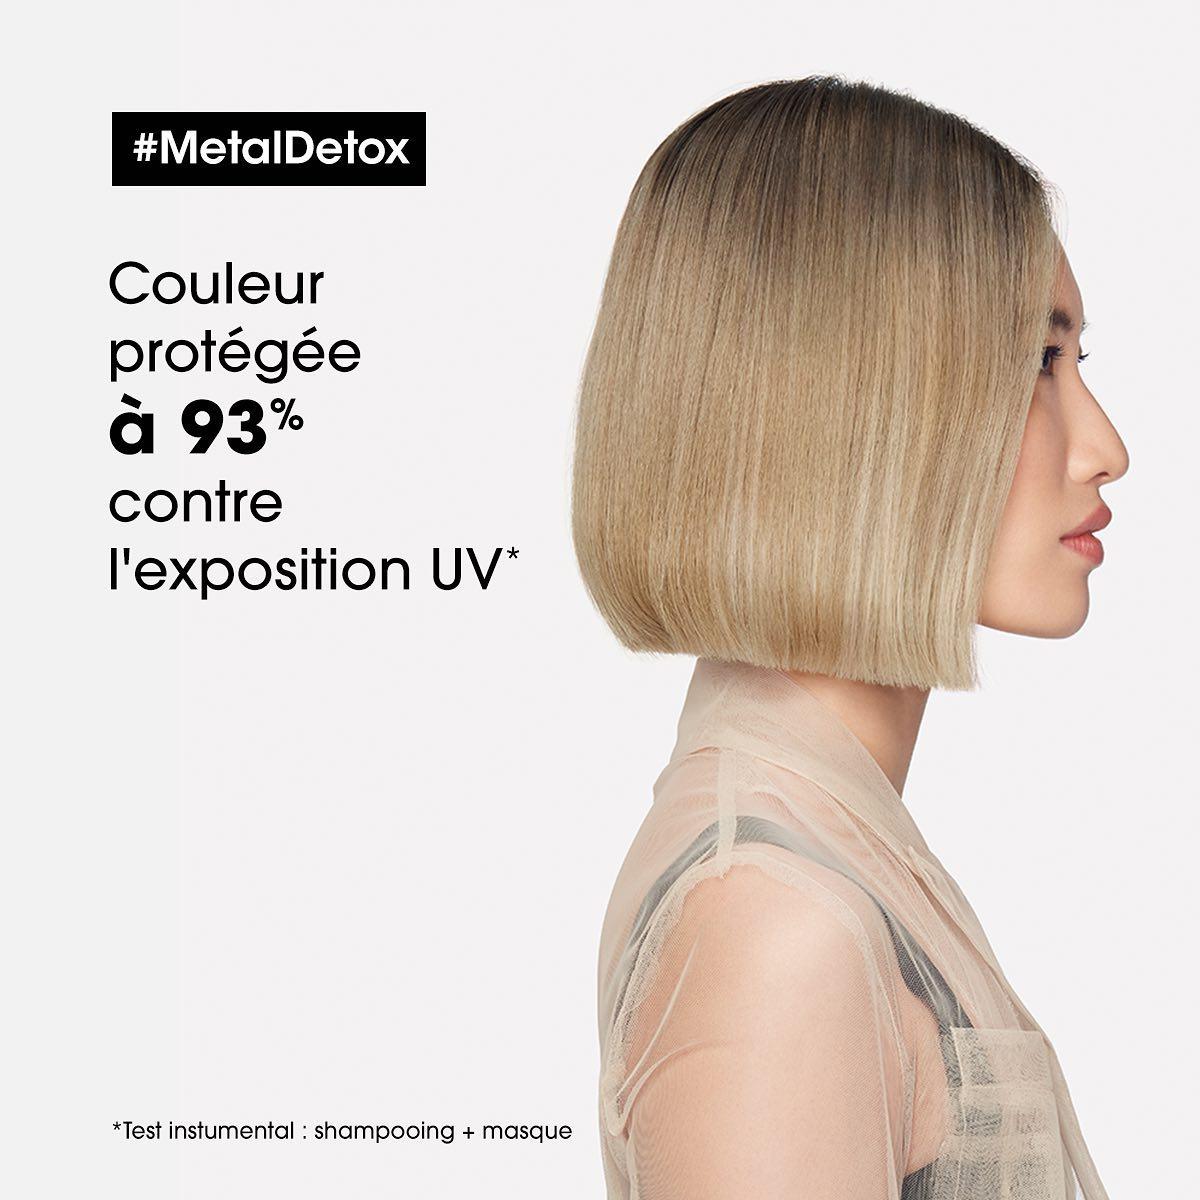 Soin Metal Detox de chez L'Oréal protection UV